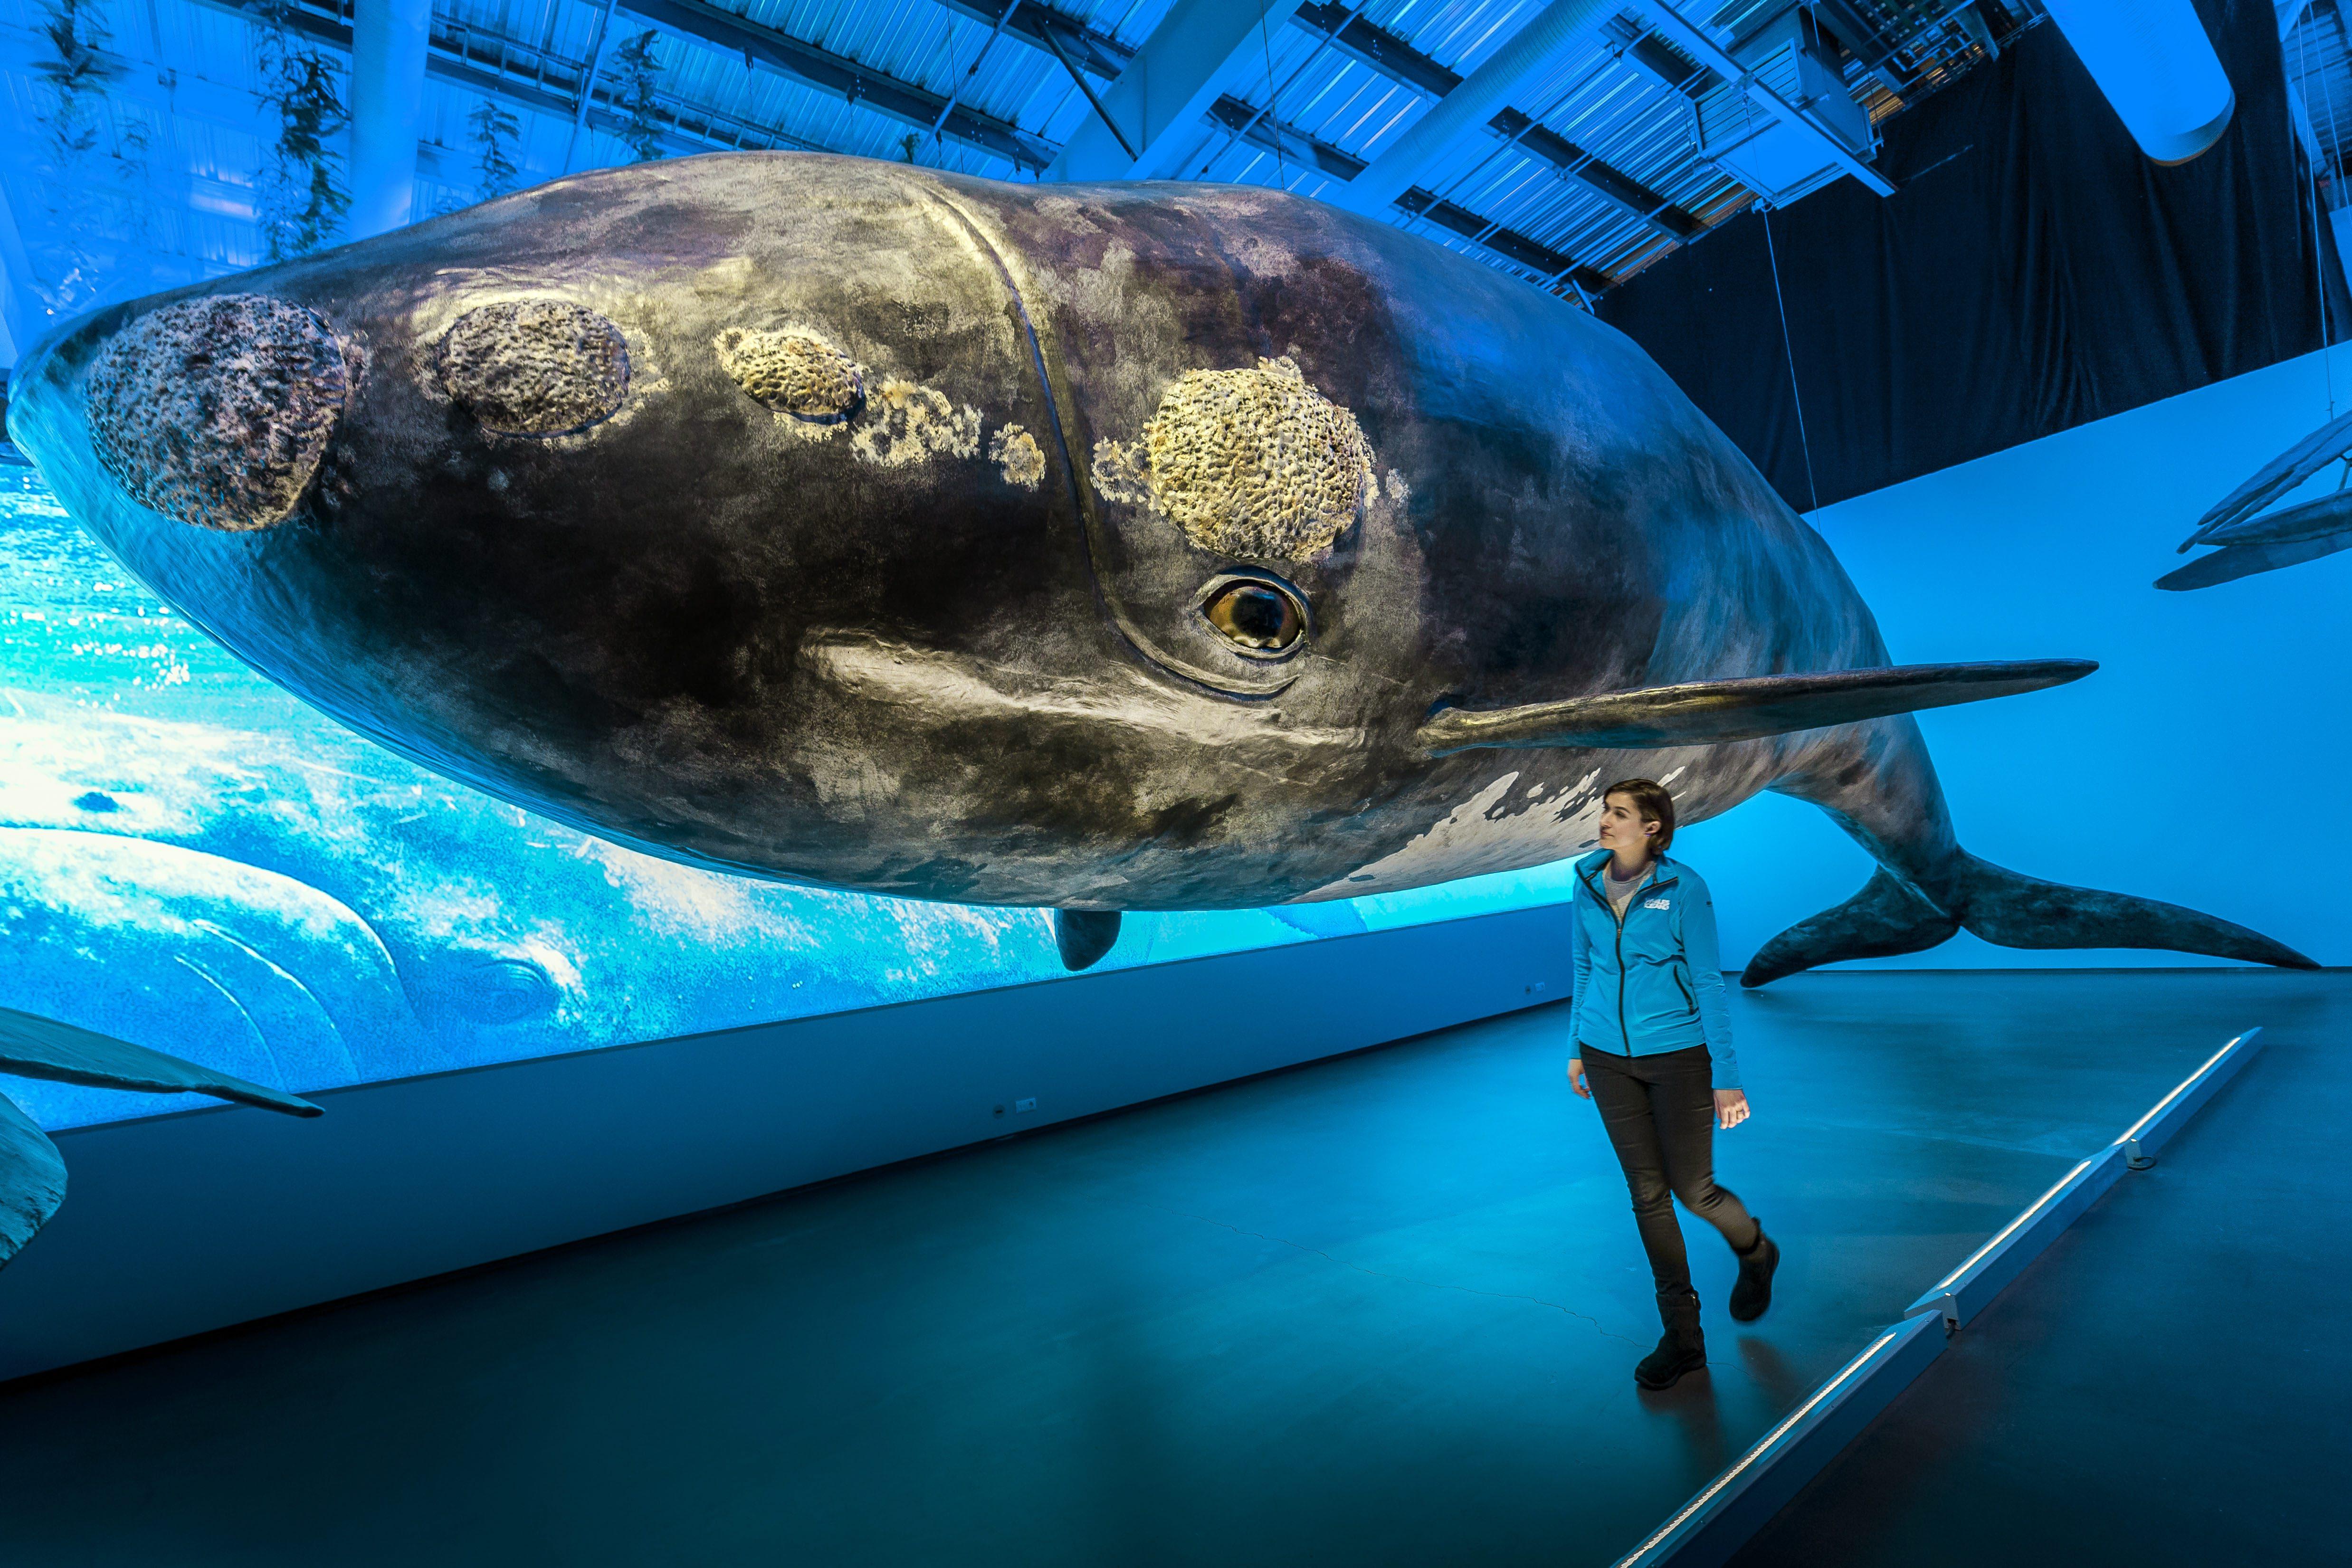 位于冰岛首都雷克雅未克鲸鱼博物馆中一座按照真实比例制作的鲸鱼模型